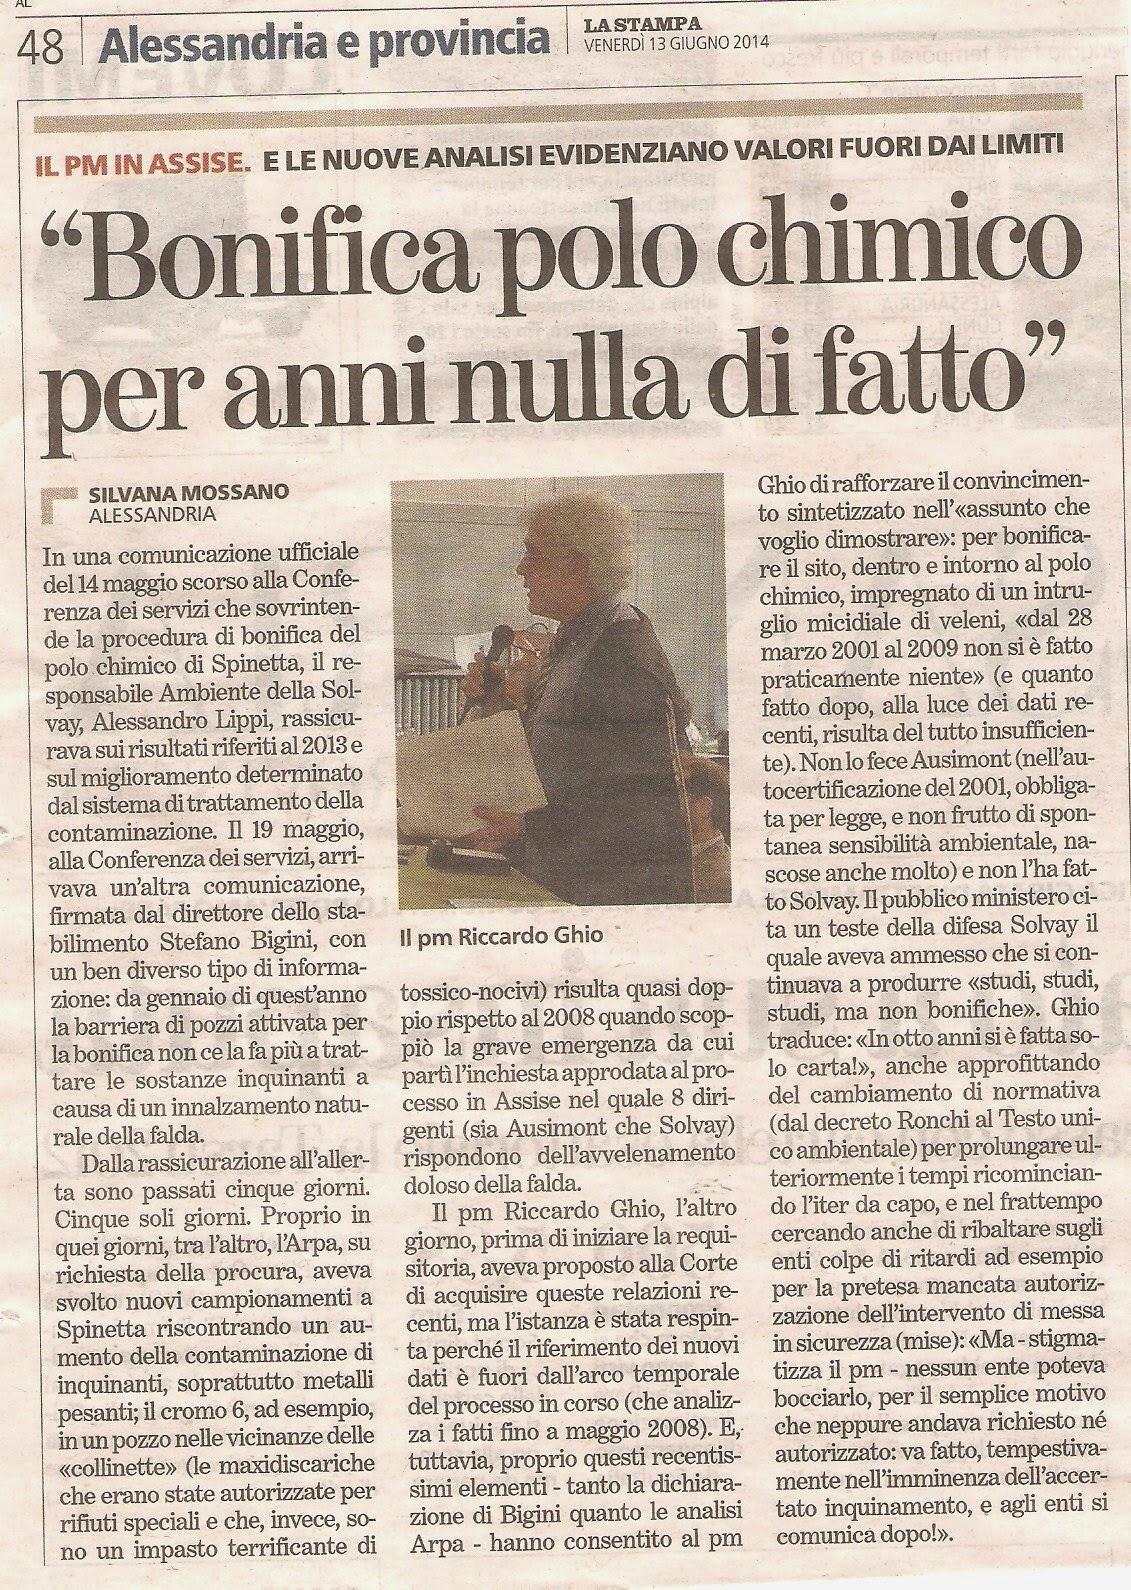 http://www.scribd.com/doc/229500087/La-Stampa-Bonifica